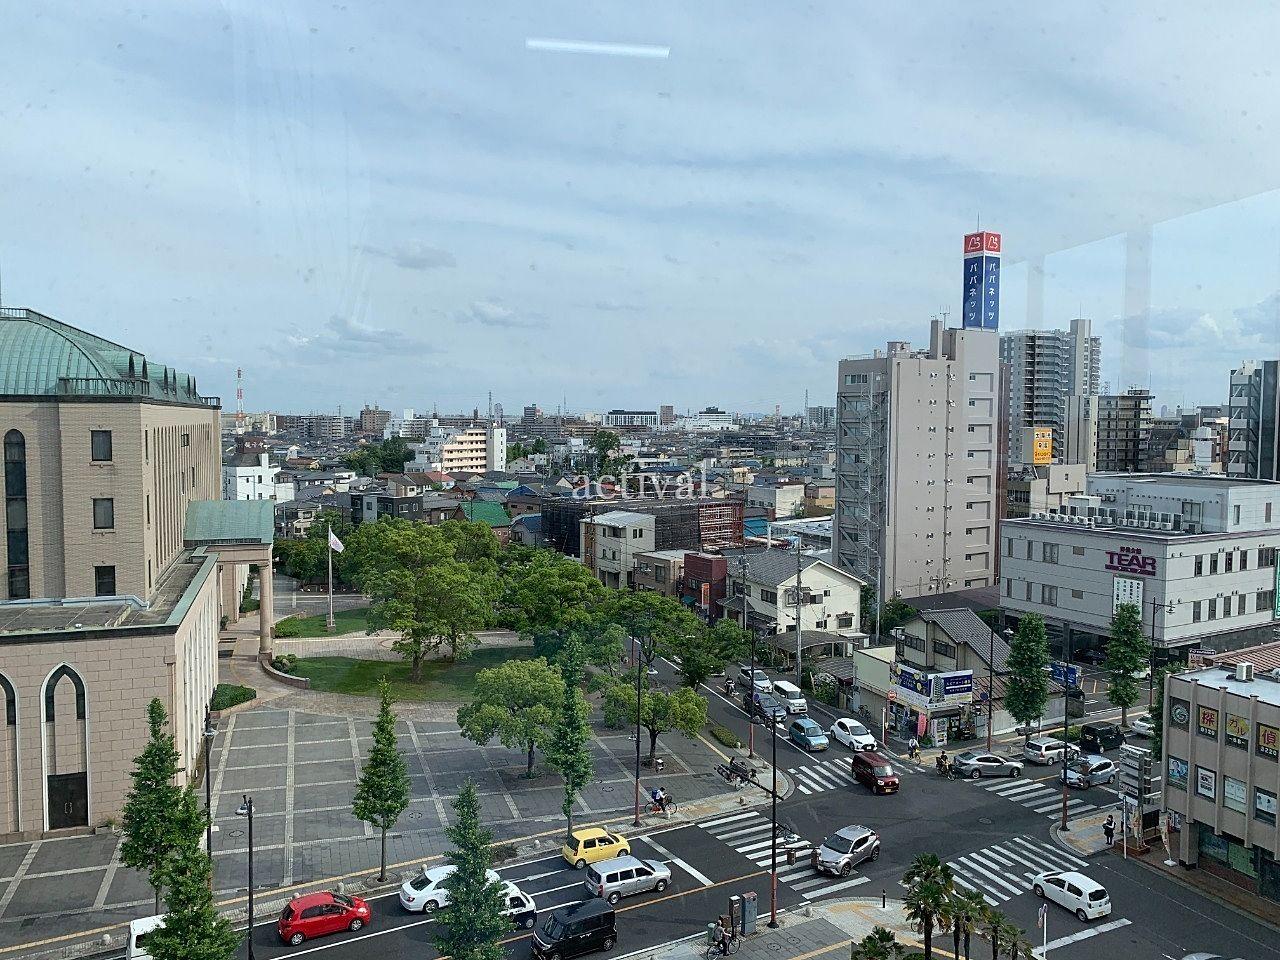 越谷市役所の新庁舎6階からの眺めです。